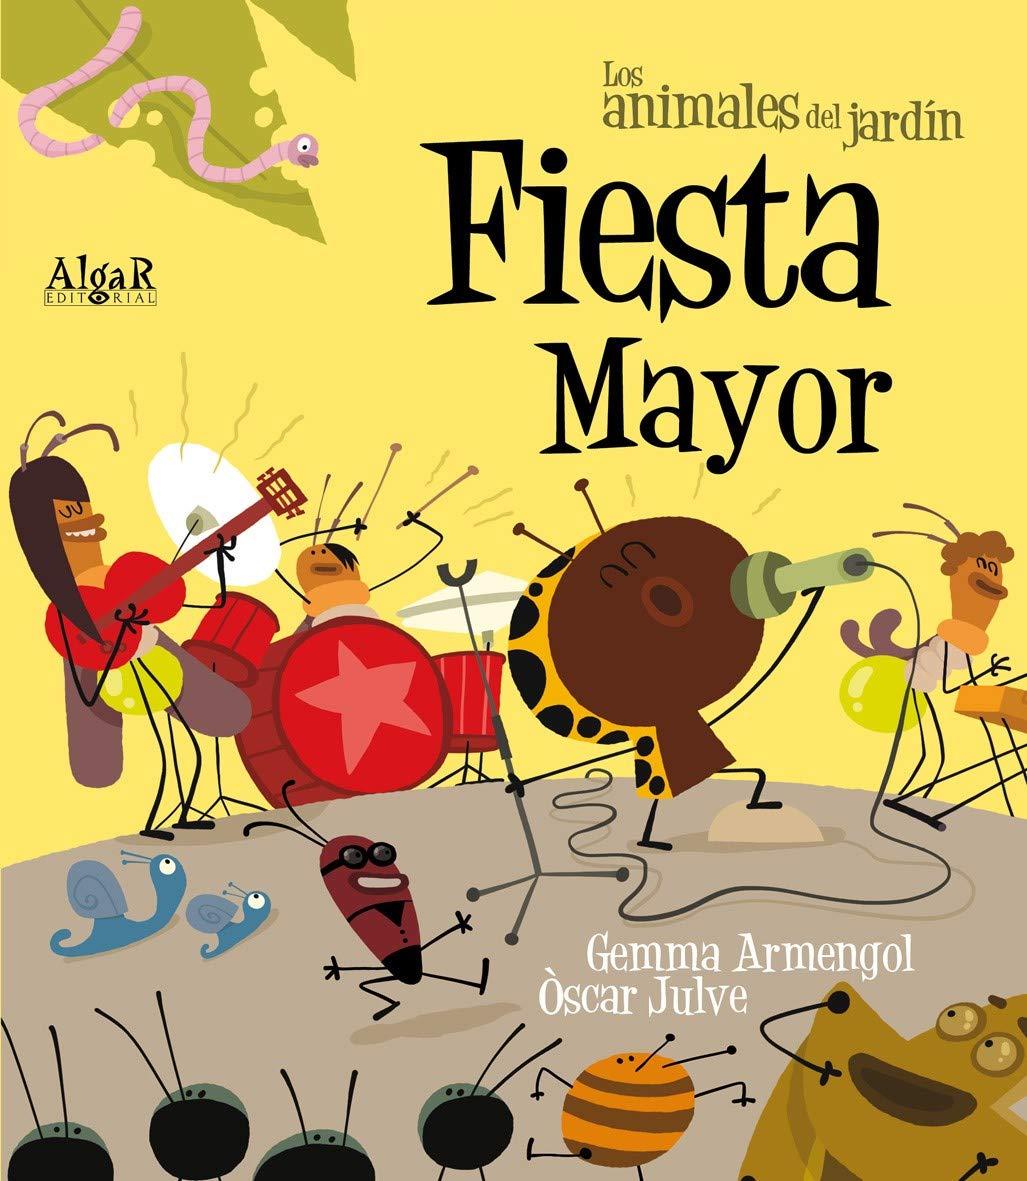 Fiesta Mayor: 10 (Los animales del jardín): Amazon.es: Gemma Armengol, Òscar Julve, Julve Gil, Òscar, Valdés Blanqued, Jesús: Libros